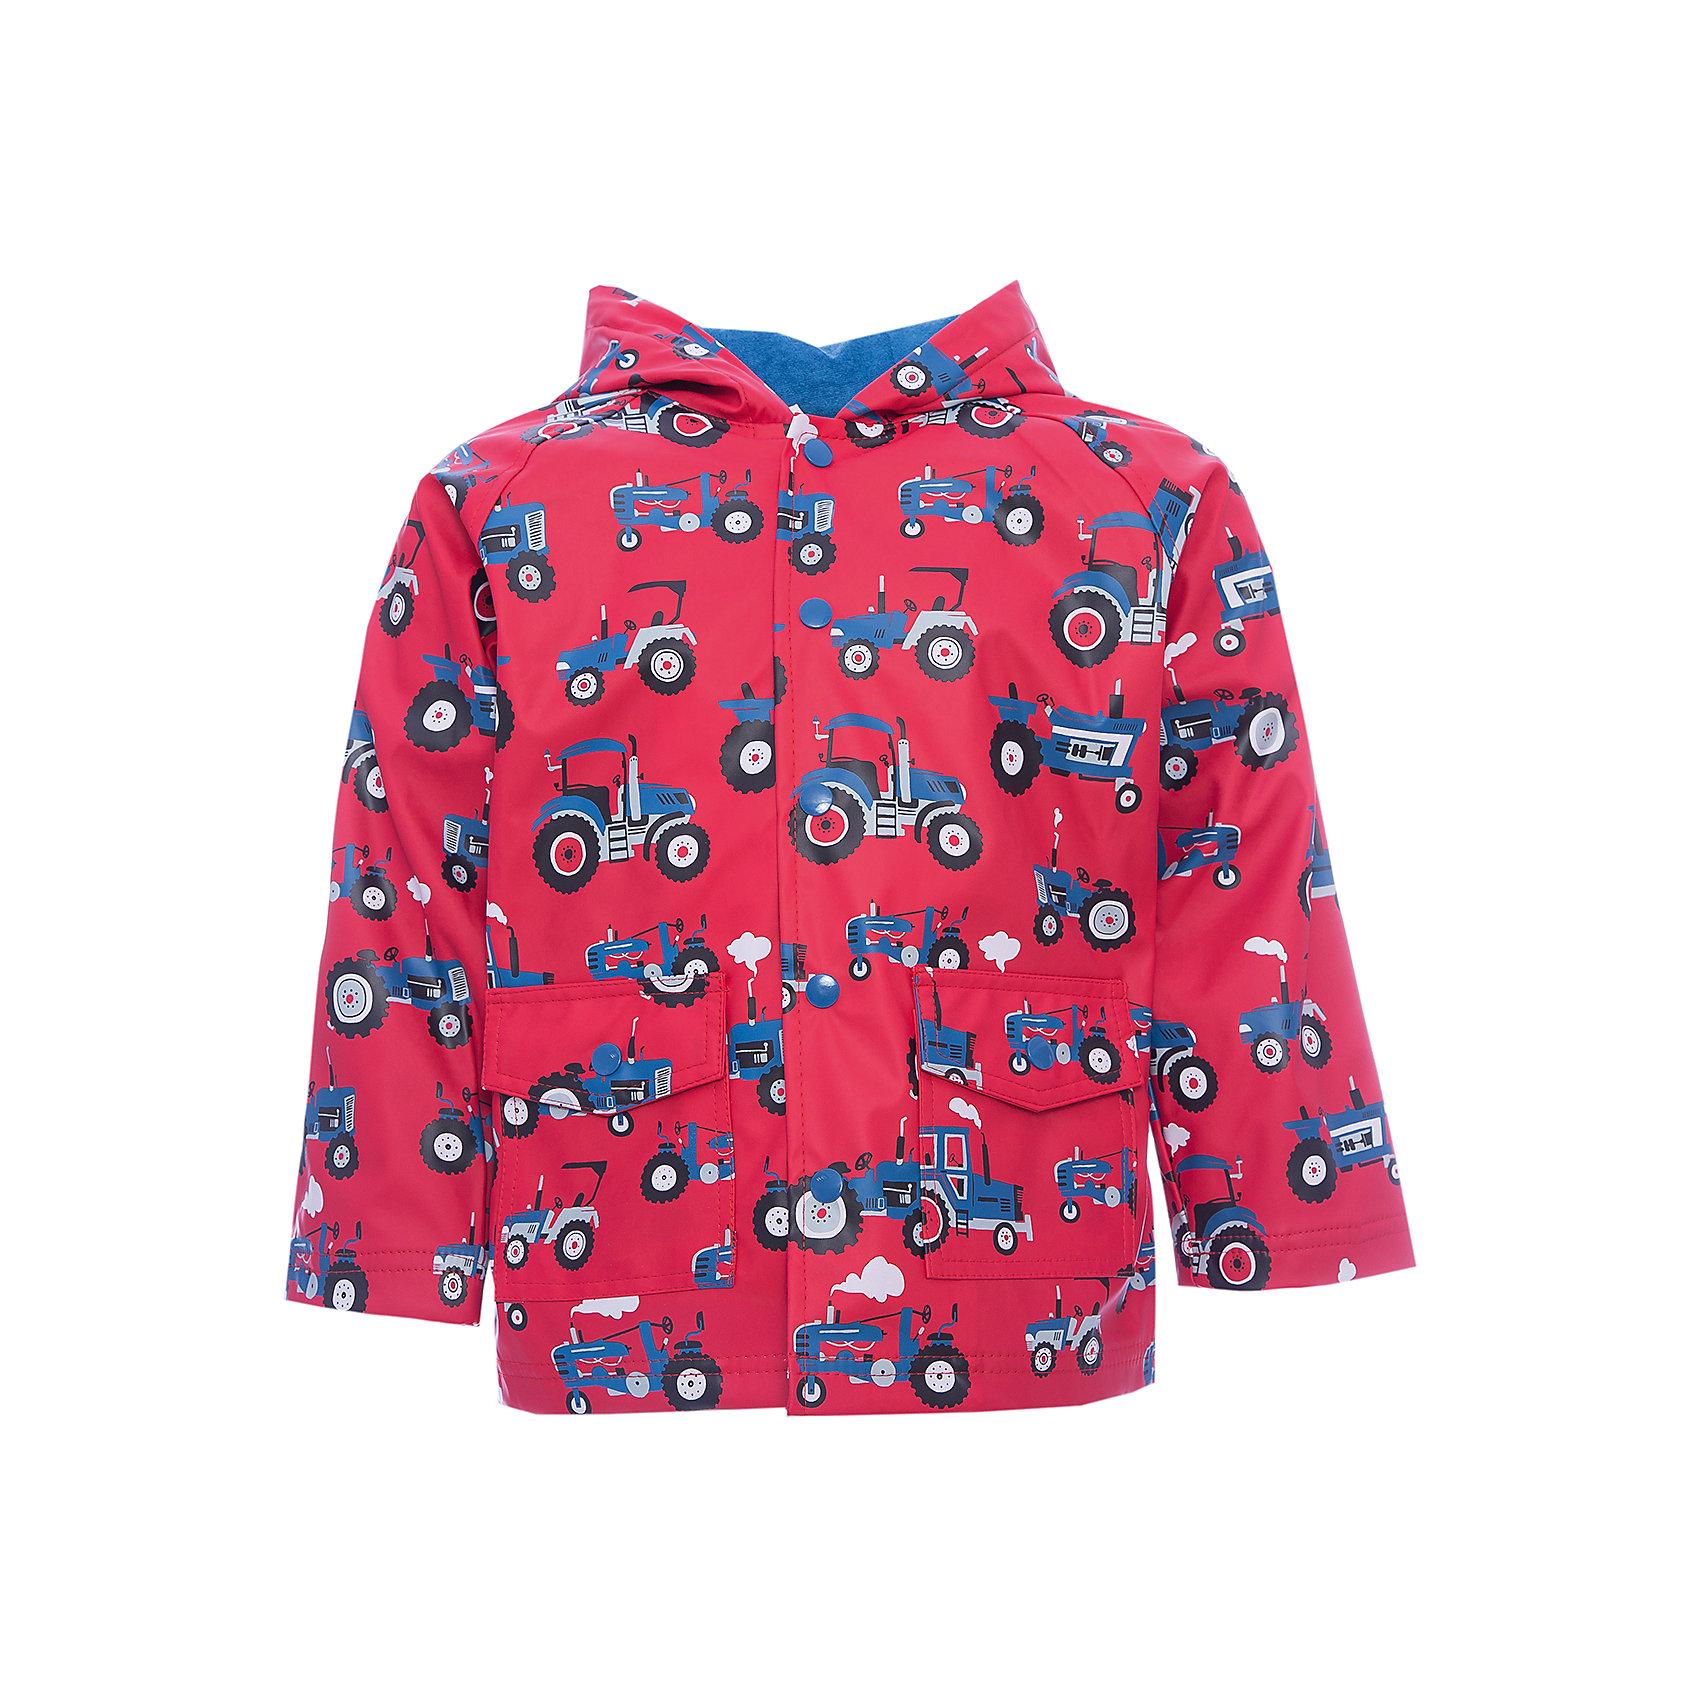 Плащ для мальчика HatleyВерхняя одежда<br>Плащ для мальчика Hatley<br><br>Характеристики:<br><br>• Состав: верх - 100%полиуретан, подкладка -100% полиэстер<br>• Цвет: красный<br><br>Красивый и яркий плащ с уникальным дизайном не оставит ребенка равнодушным. У плаща два небольших кармана, удобный капюшон и крючок, чтобы повесить вещь на вешалку. Внутри плаща махровая подкладка, которая придает дополнительное тепло. Застегивается плащ на пуговки, которые может застегнуть ребенок самостоятельно. <br><br>Плащ для мальчика Hatley можно купить в нашем интернет-магазине.<br><br>Ширина мм: 356<br>Глубина мм: 10<br>Высота мм: 245<br>Вес г: 519<br>Цвет: красный<br>Возраст от месяцев: 36<br>Возраст до месяцев: 48<br>Пол: Мужской<br>Возраст: Детский<br>Размер: 98,104,92,110<br>SKU: 5020716